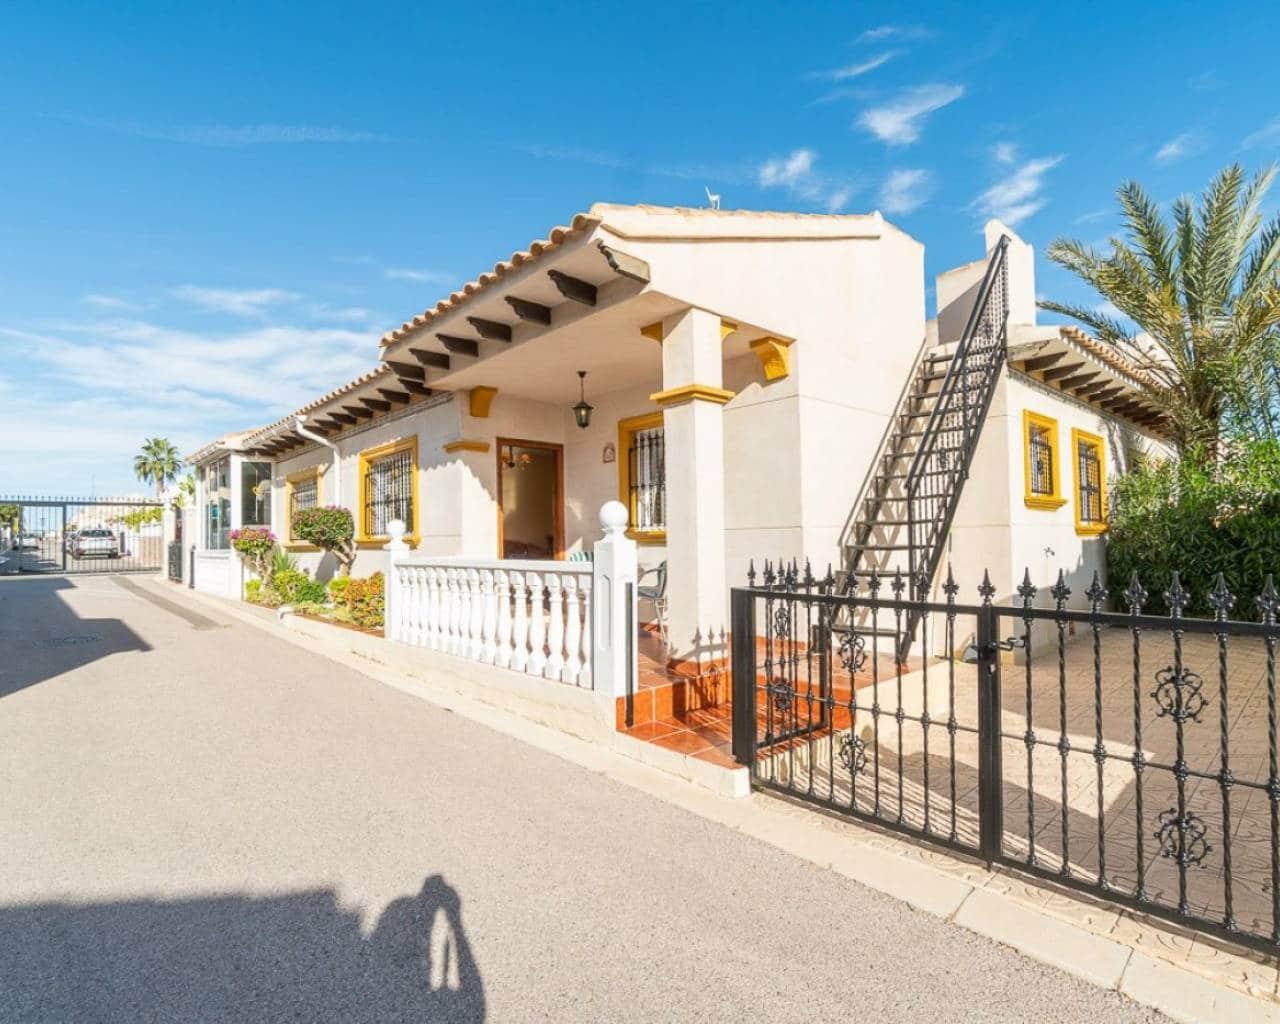 Casa de 2 habitaciones en Playa Flamenca en venta con piscina - 119.000 € (Ref: 4963436)